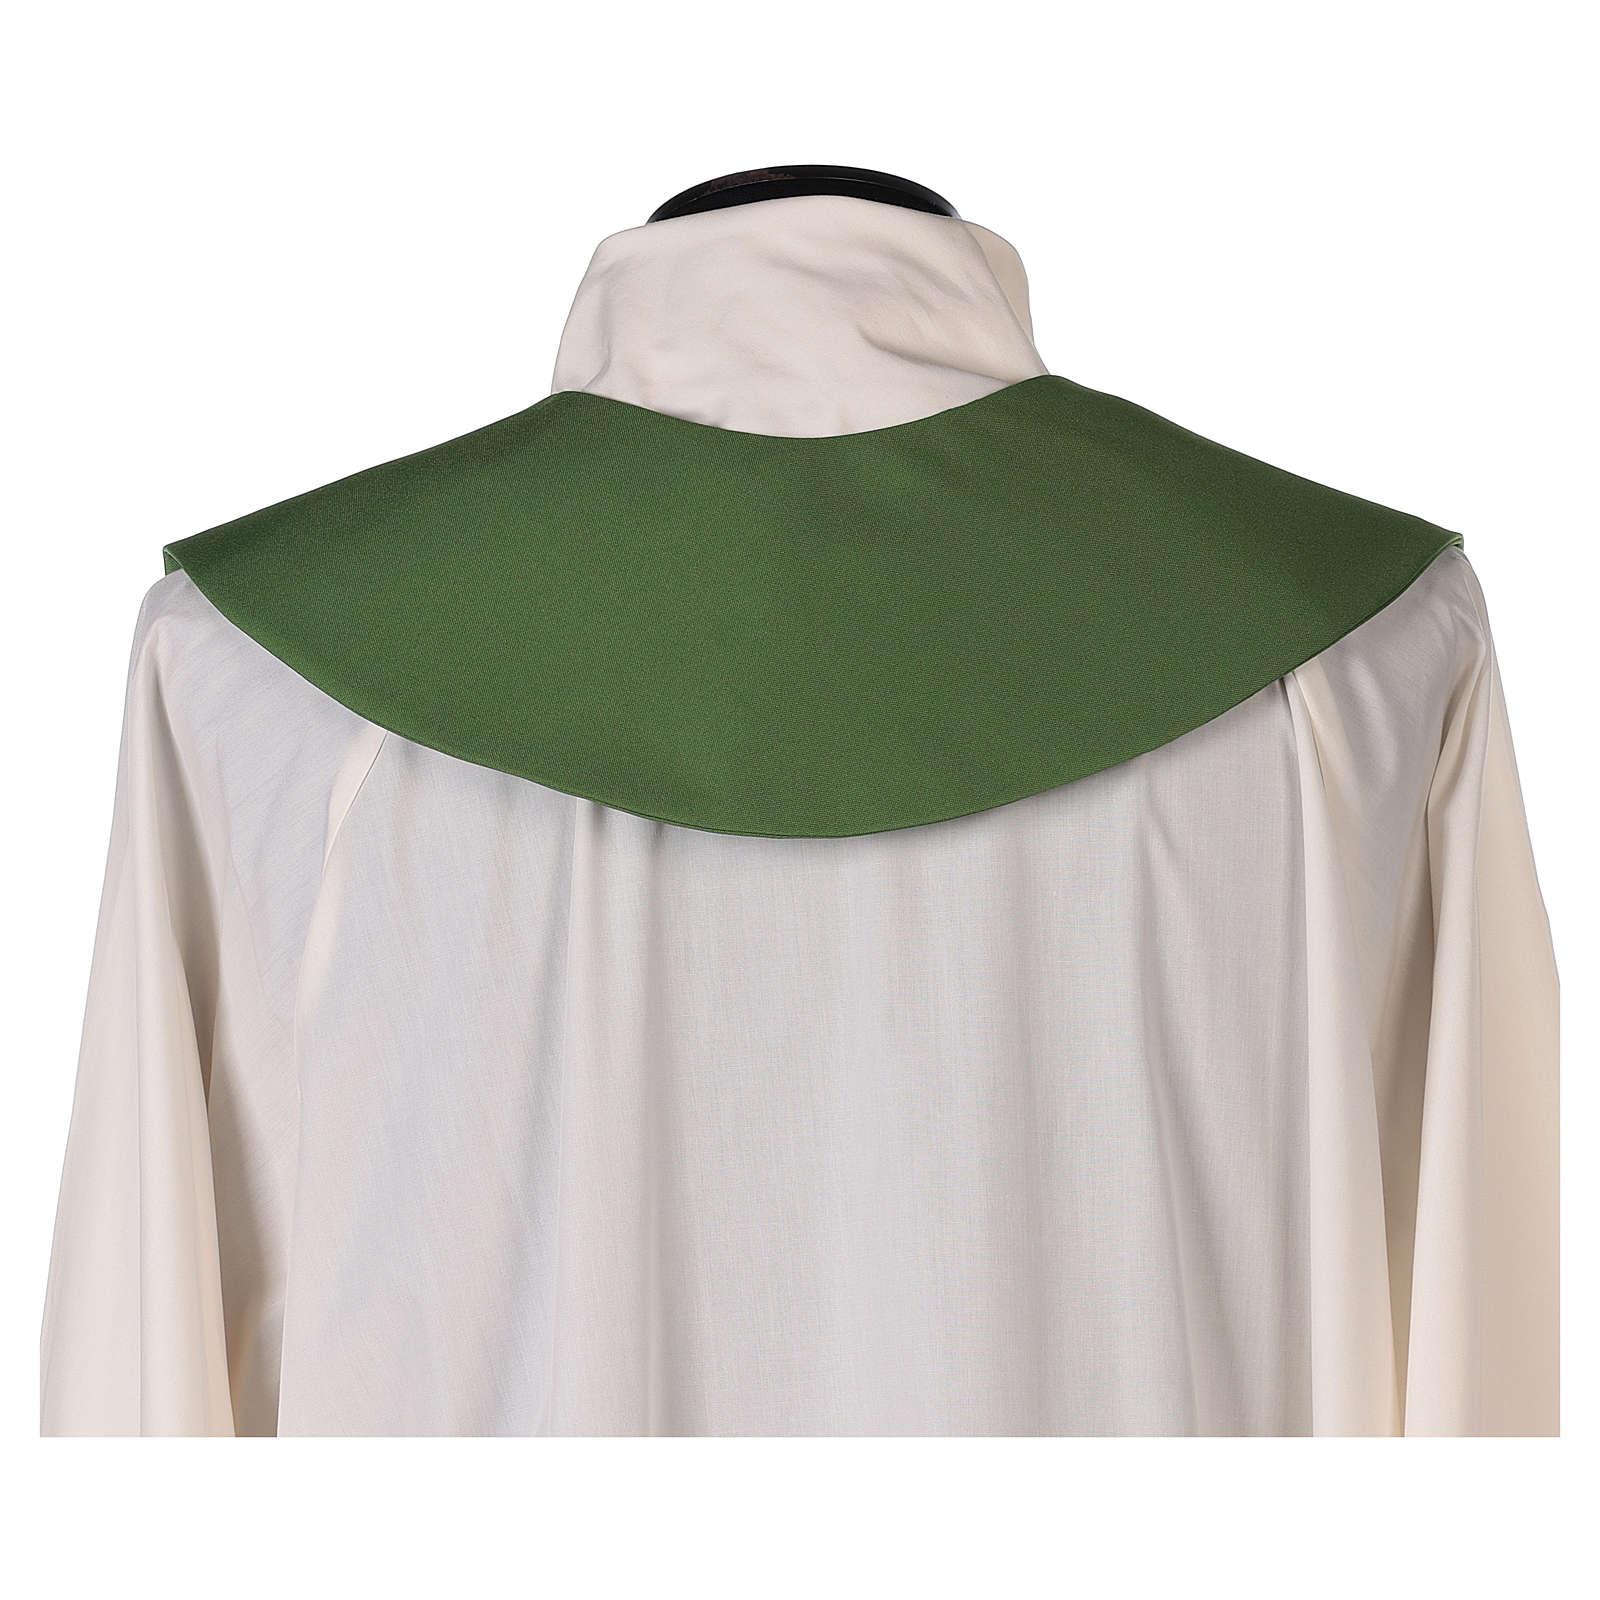 Etole liturgique croix épi 100% polyester 4